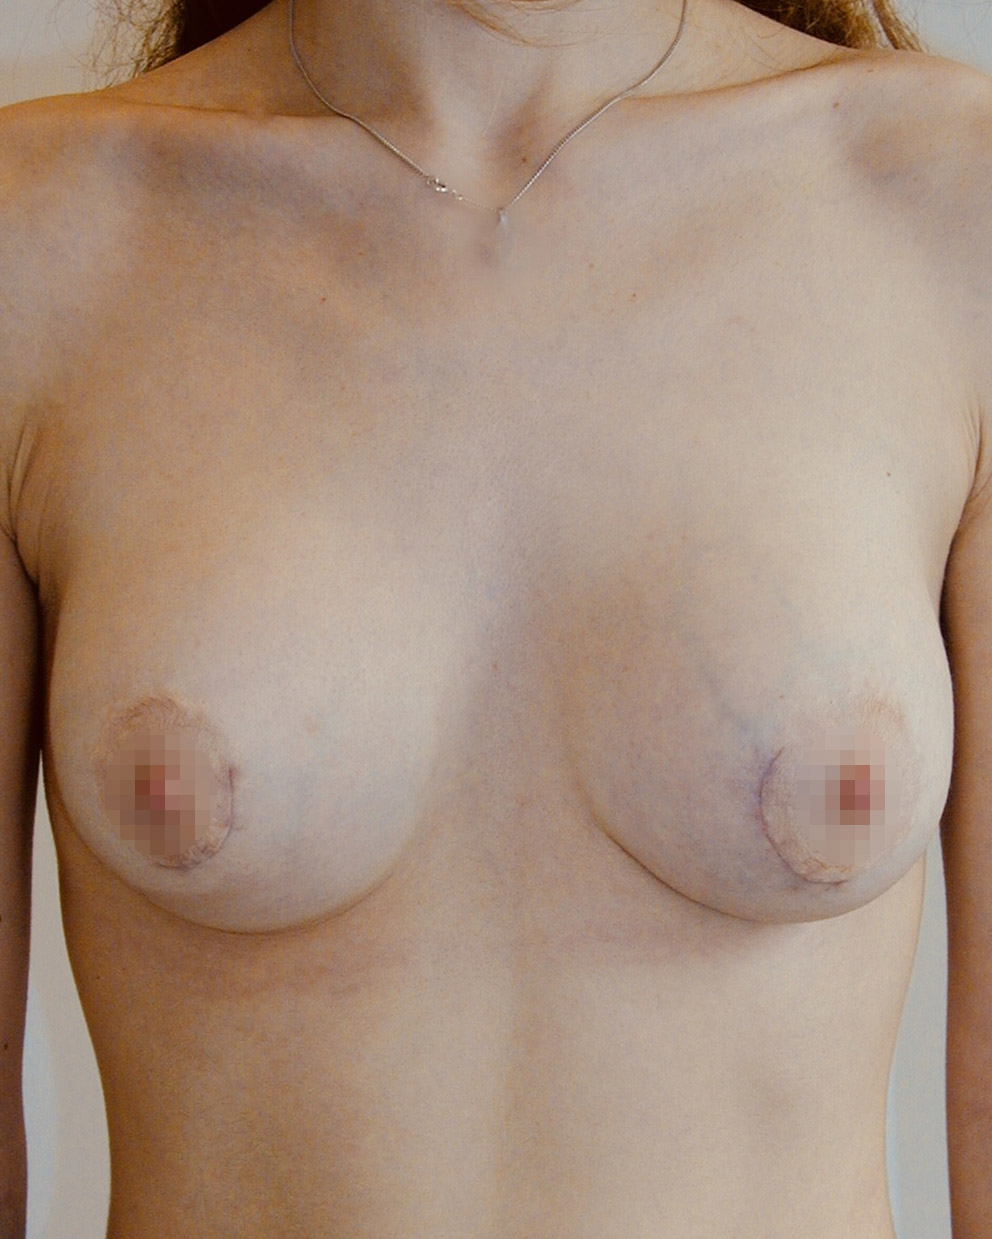 Photo seins tubereux après opération du chirurgien